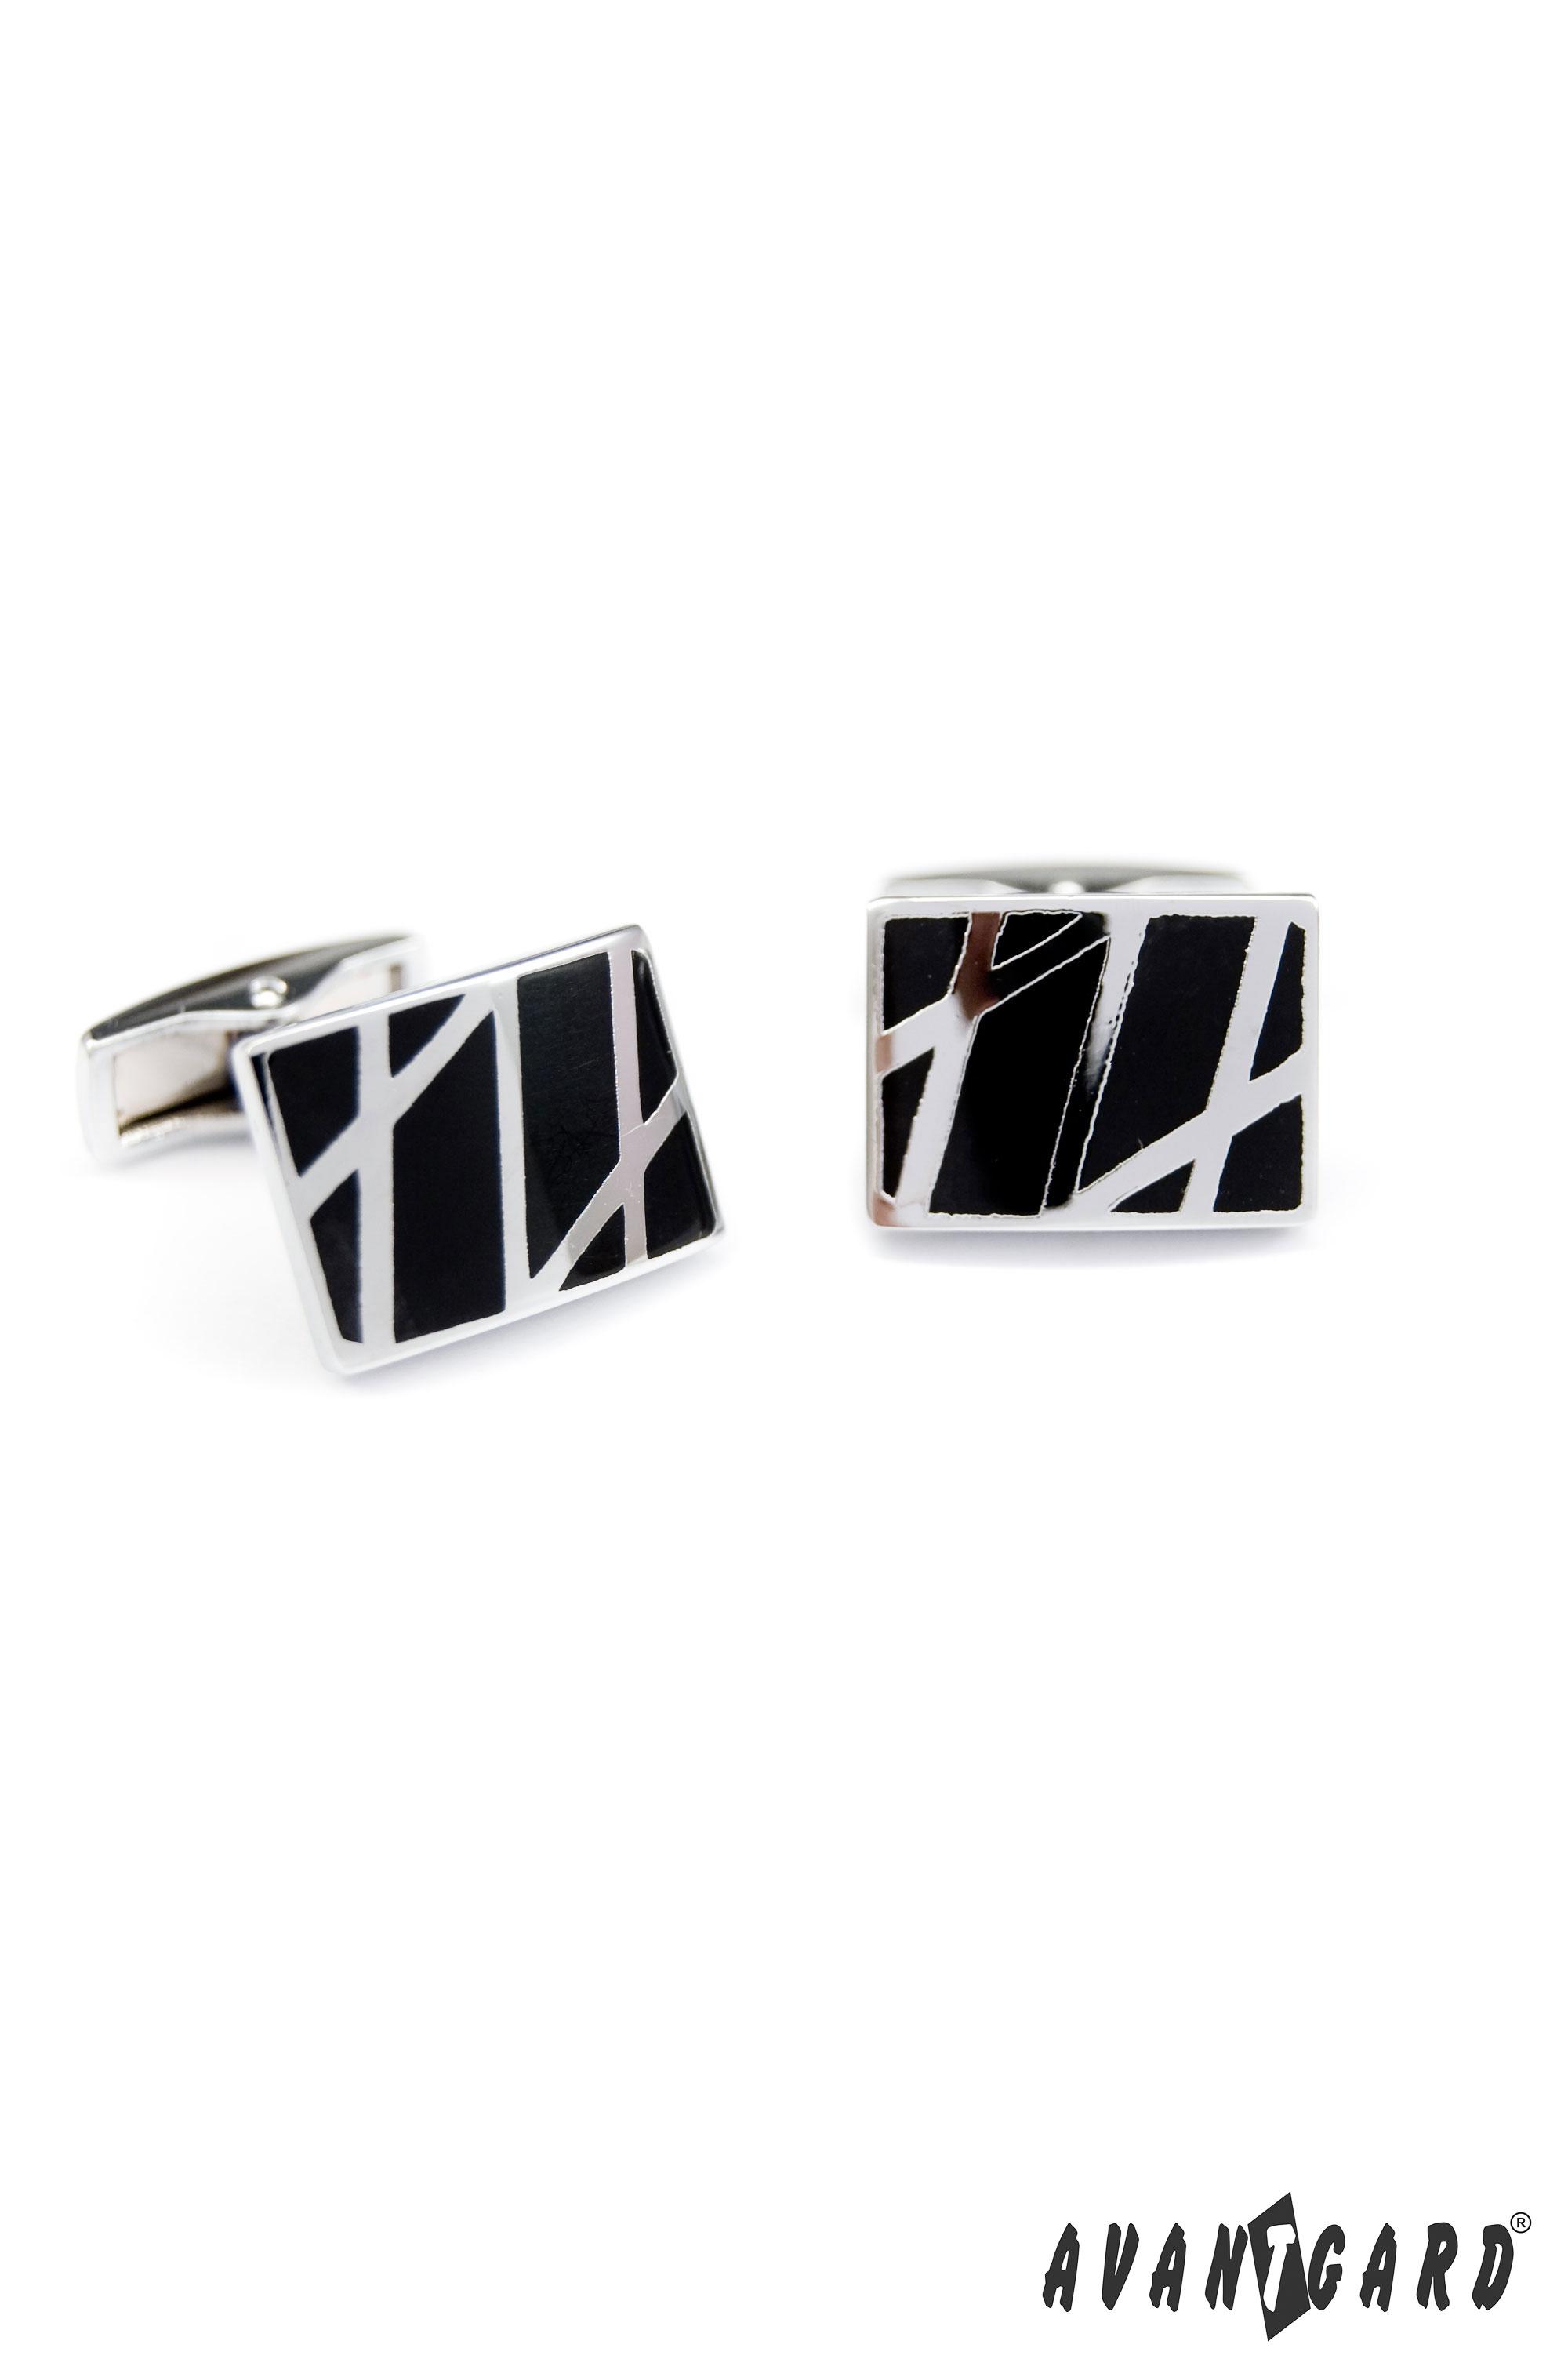 Avantgard manžetové knoflíky Premium 57320218 stříbrná lesk